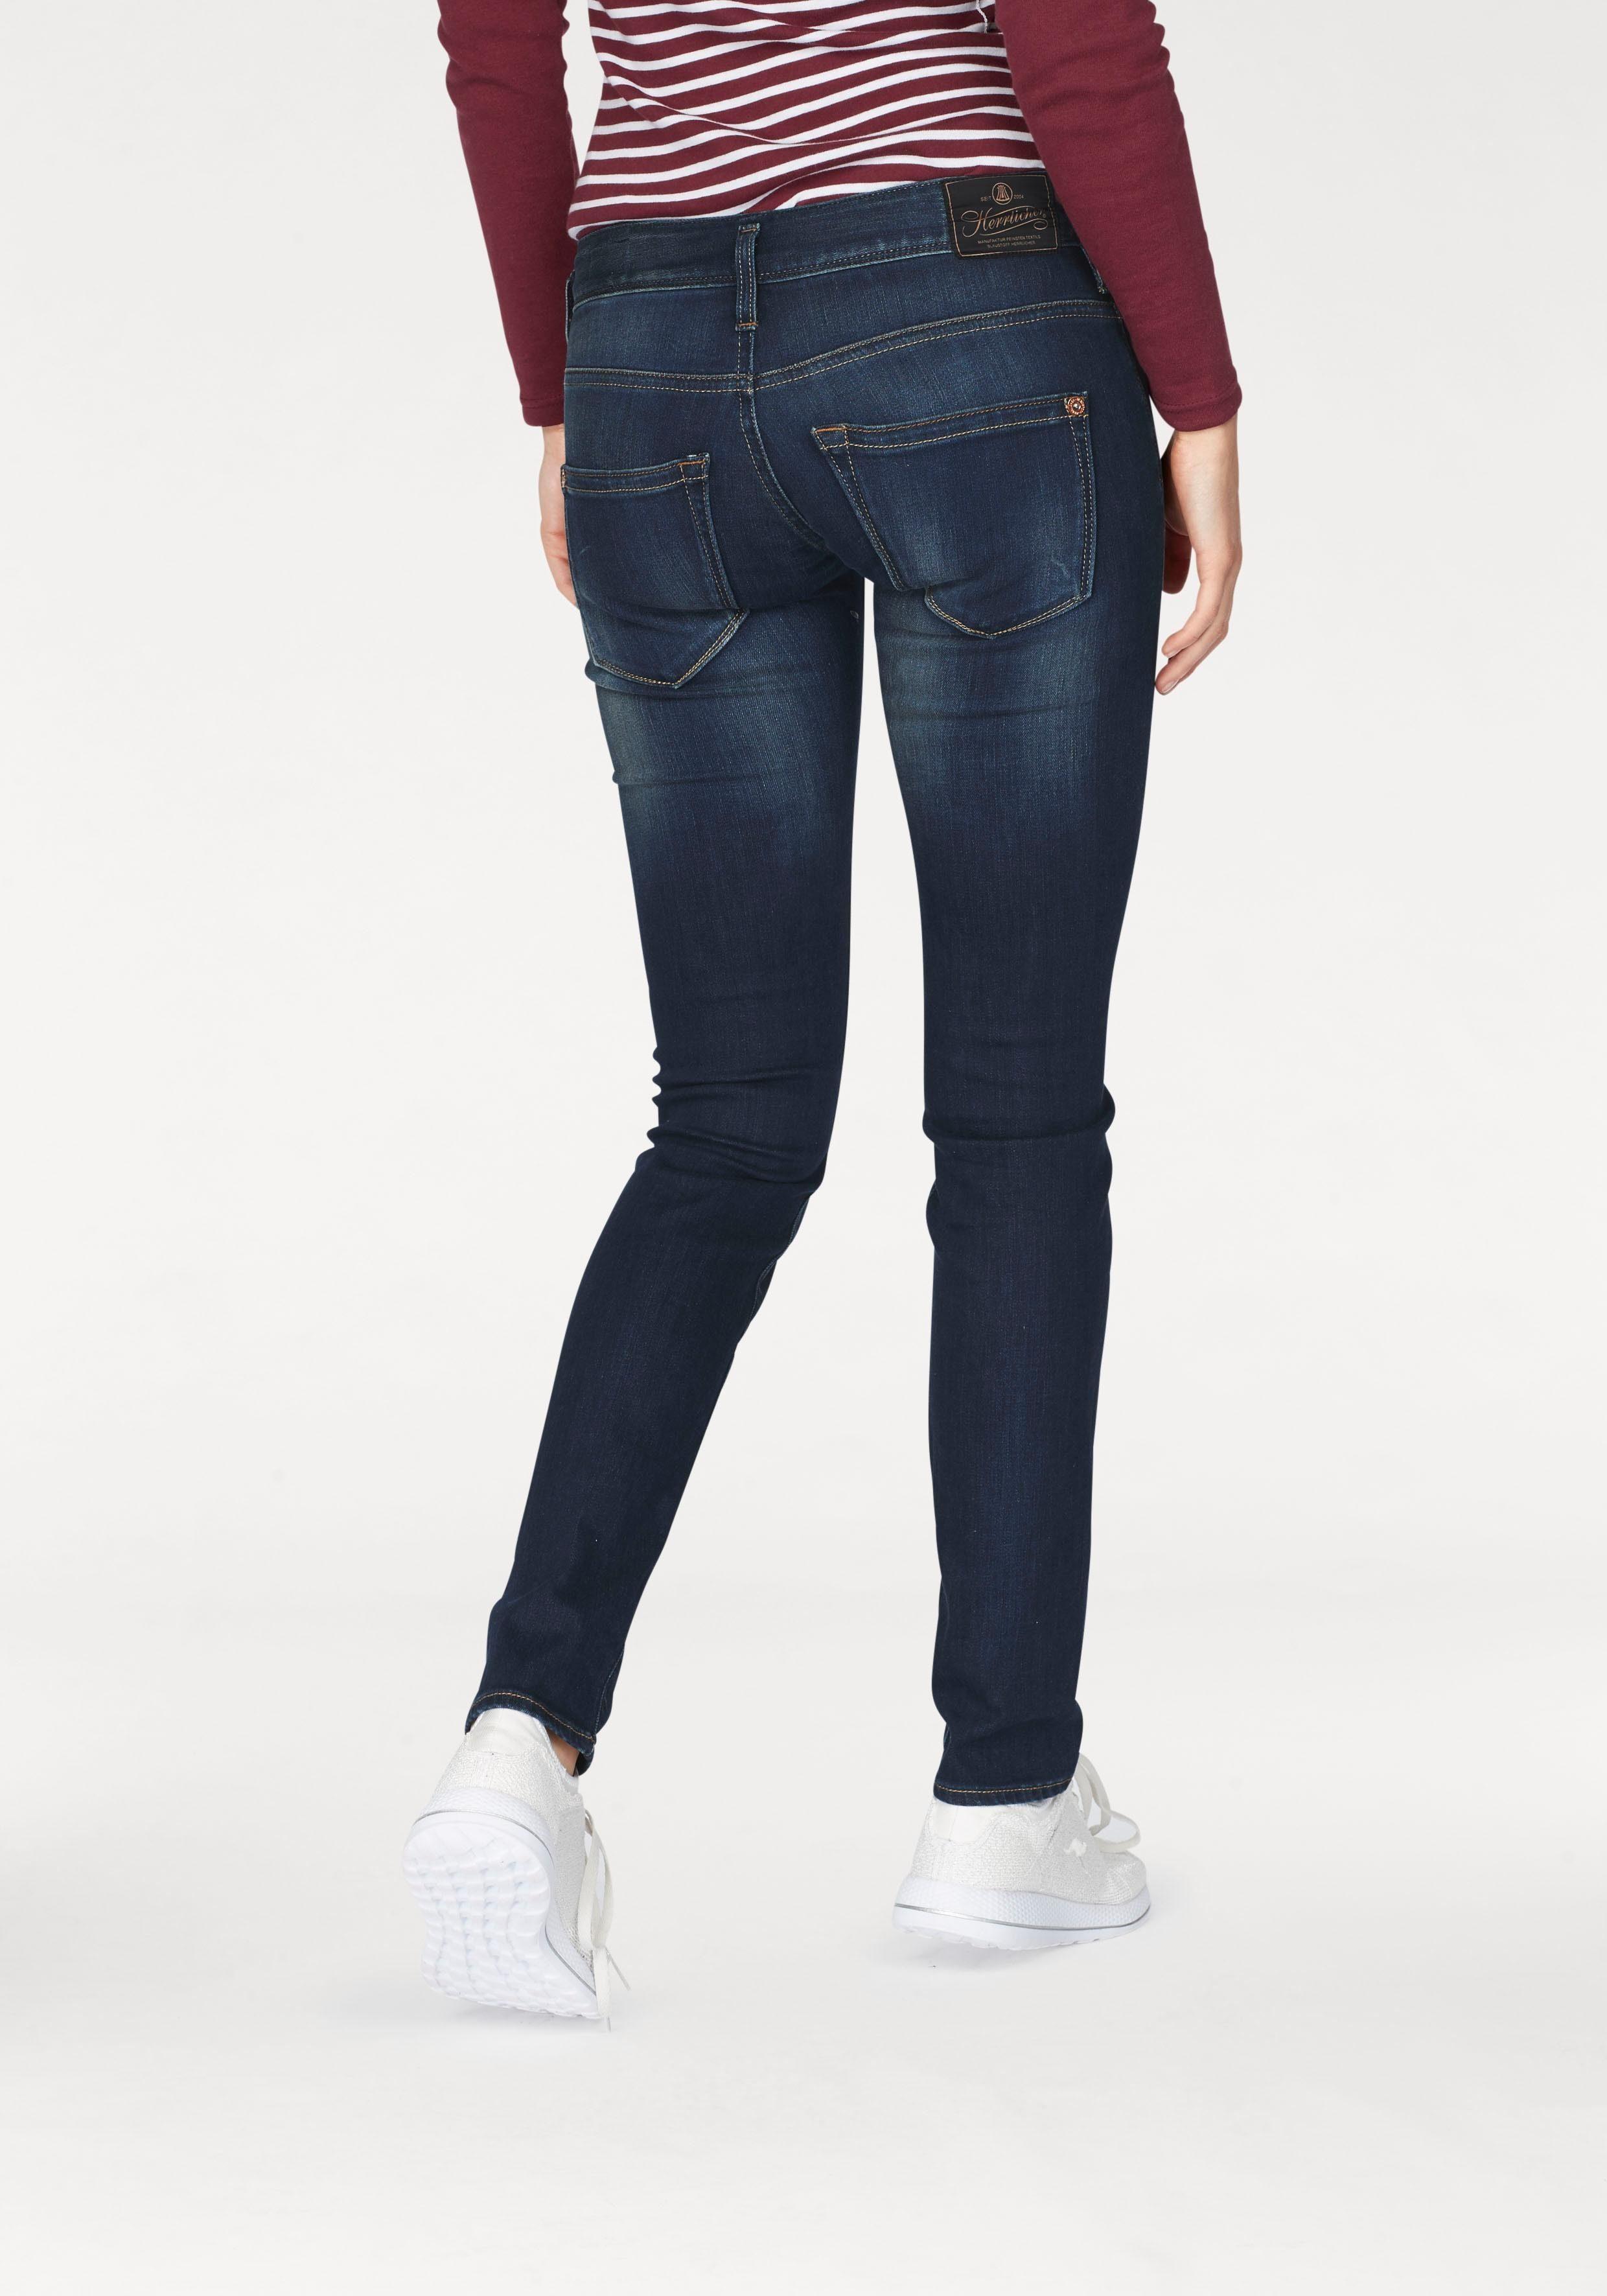 Kaufen Sie Ihre Lieblings Damen Straight Jeans Shyra Herrlicher Online-Shopping Online-Verkauf Niedriger Versand Günstiger Preis Footlocker Outlet Top-Qualität HT1Ch7E2uf